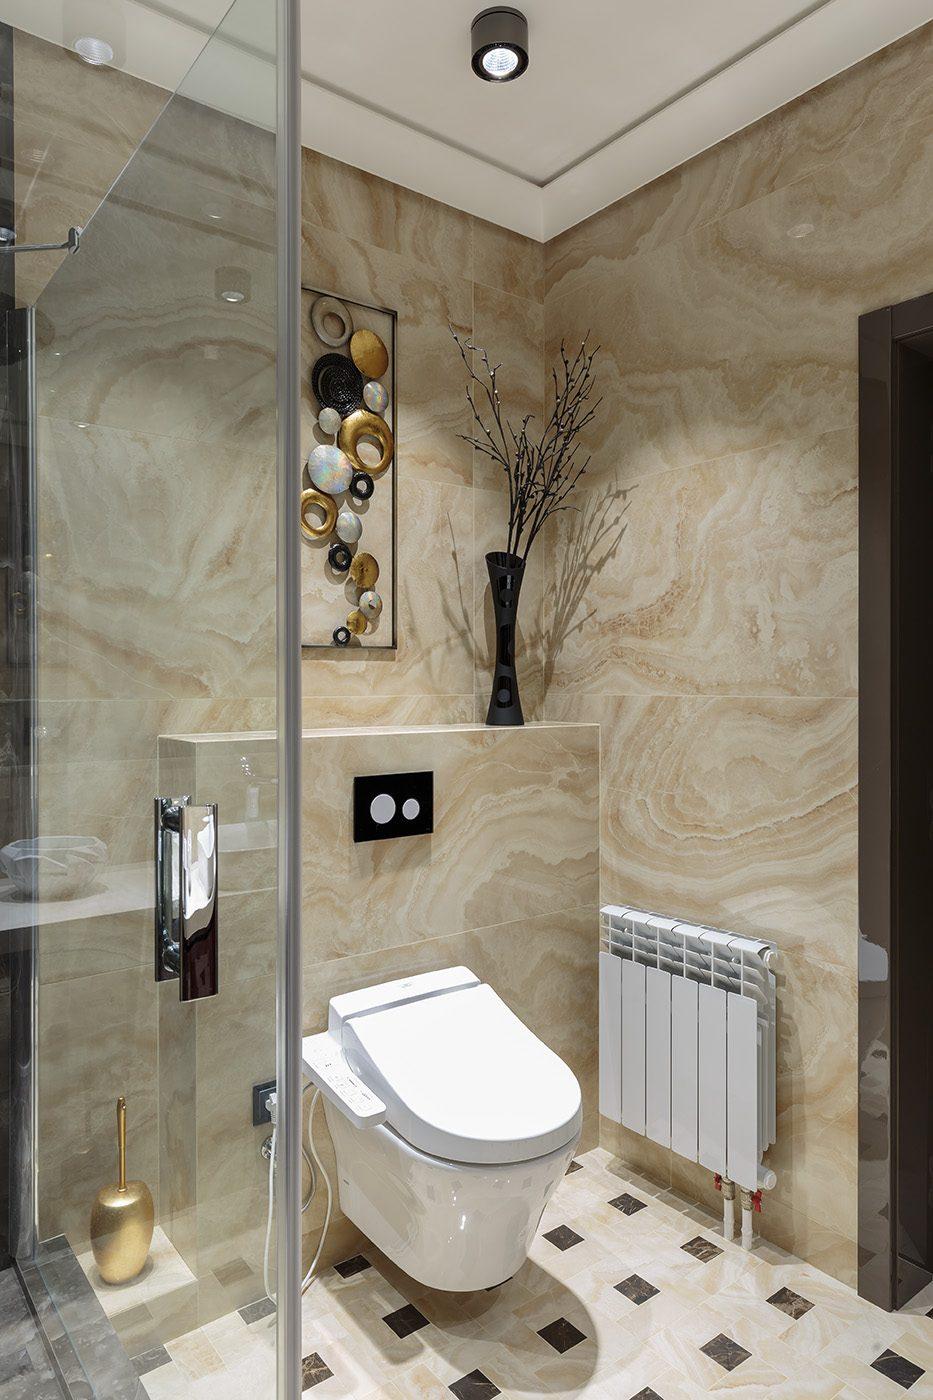 Дизайн интерьера ванной комнаты в плитке